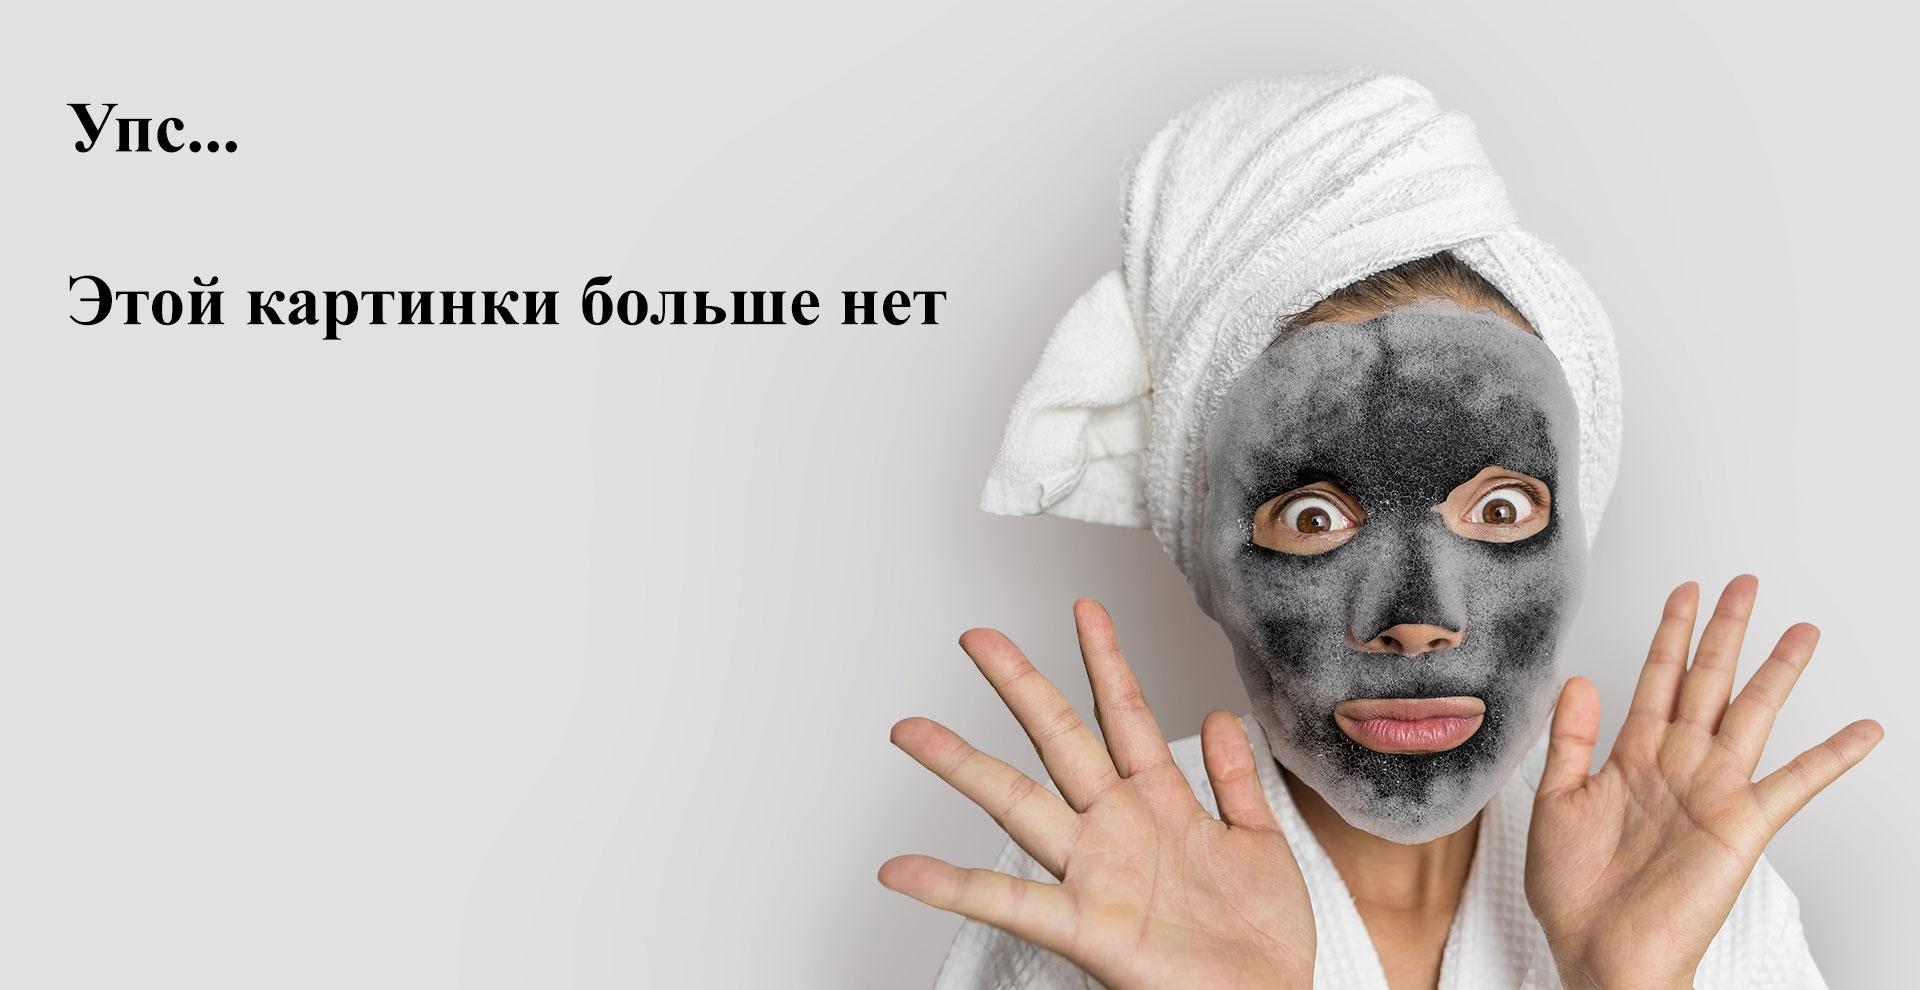 Italwax, Воск Flex «Янтарь», в банке, 400 г